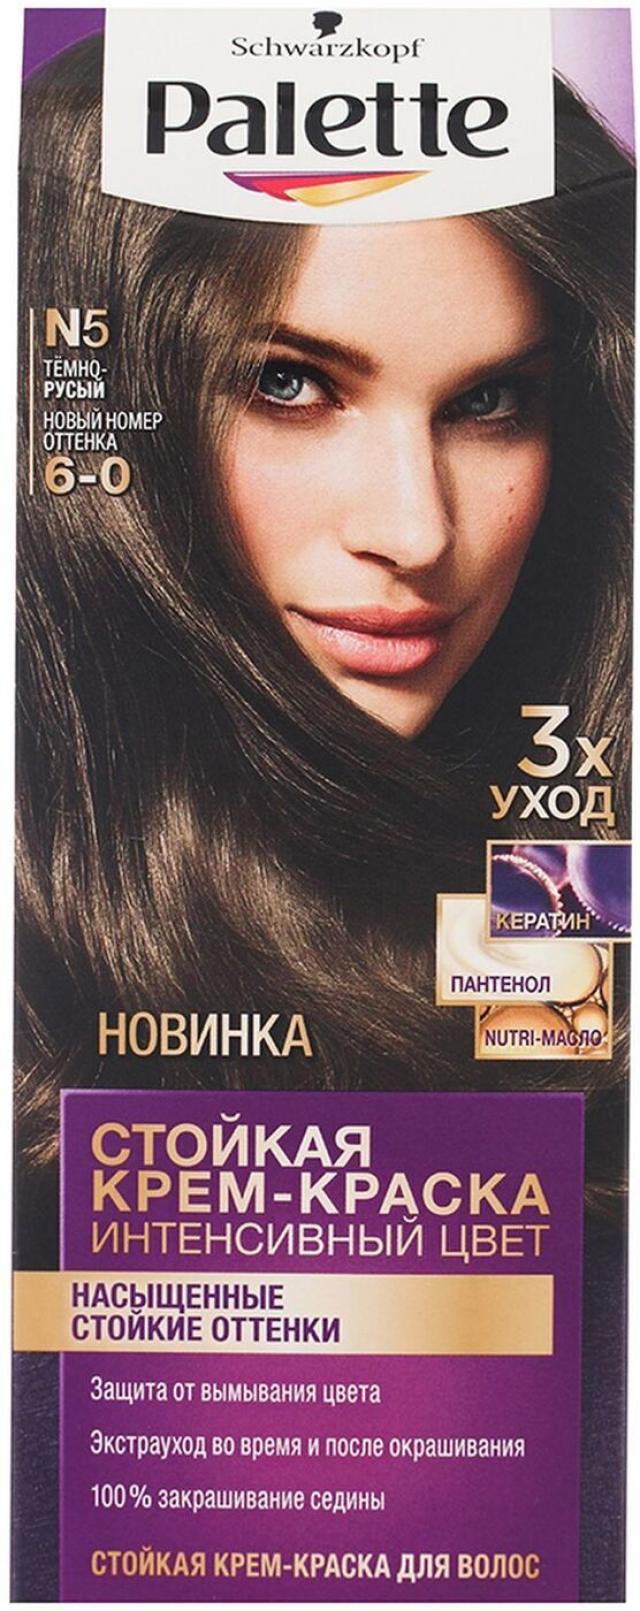 Шварцкопф Палетте крем-краска для волос т.N5 темно-русый купить в Москве по цене от 0 рублей